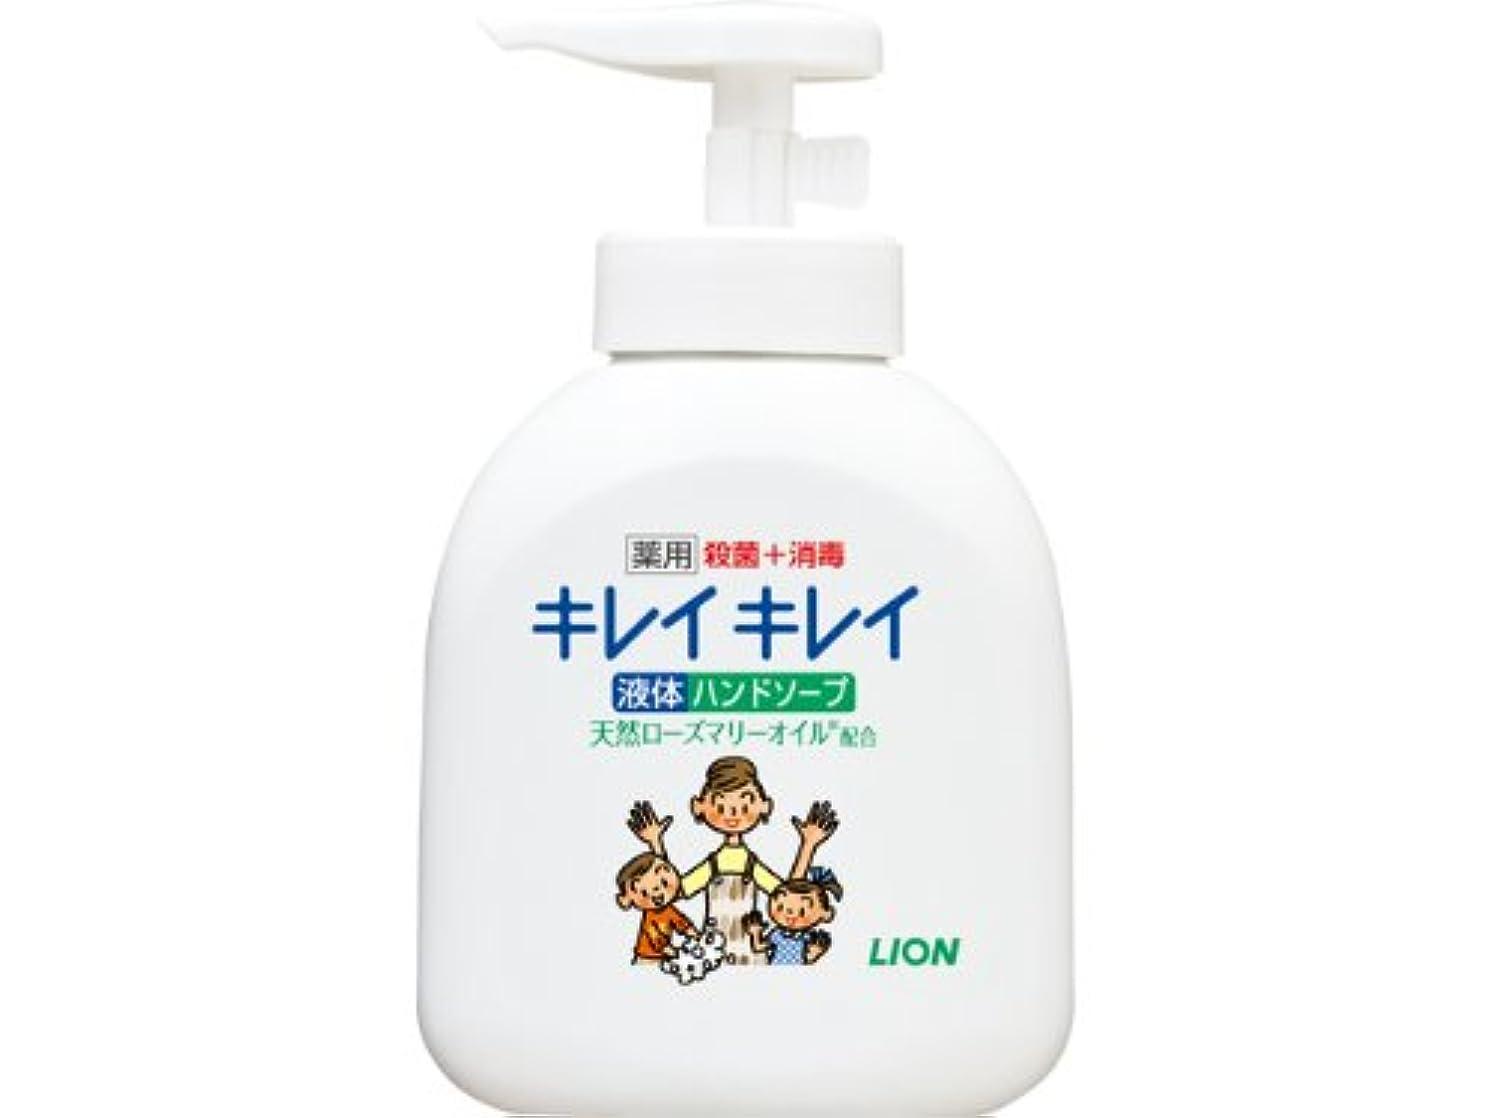 形貢献注入するキレイキレイ 薬用 液体ハンドソープ 本体ポンプ 250ml (医薬部外品)